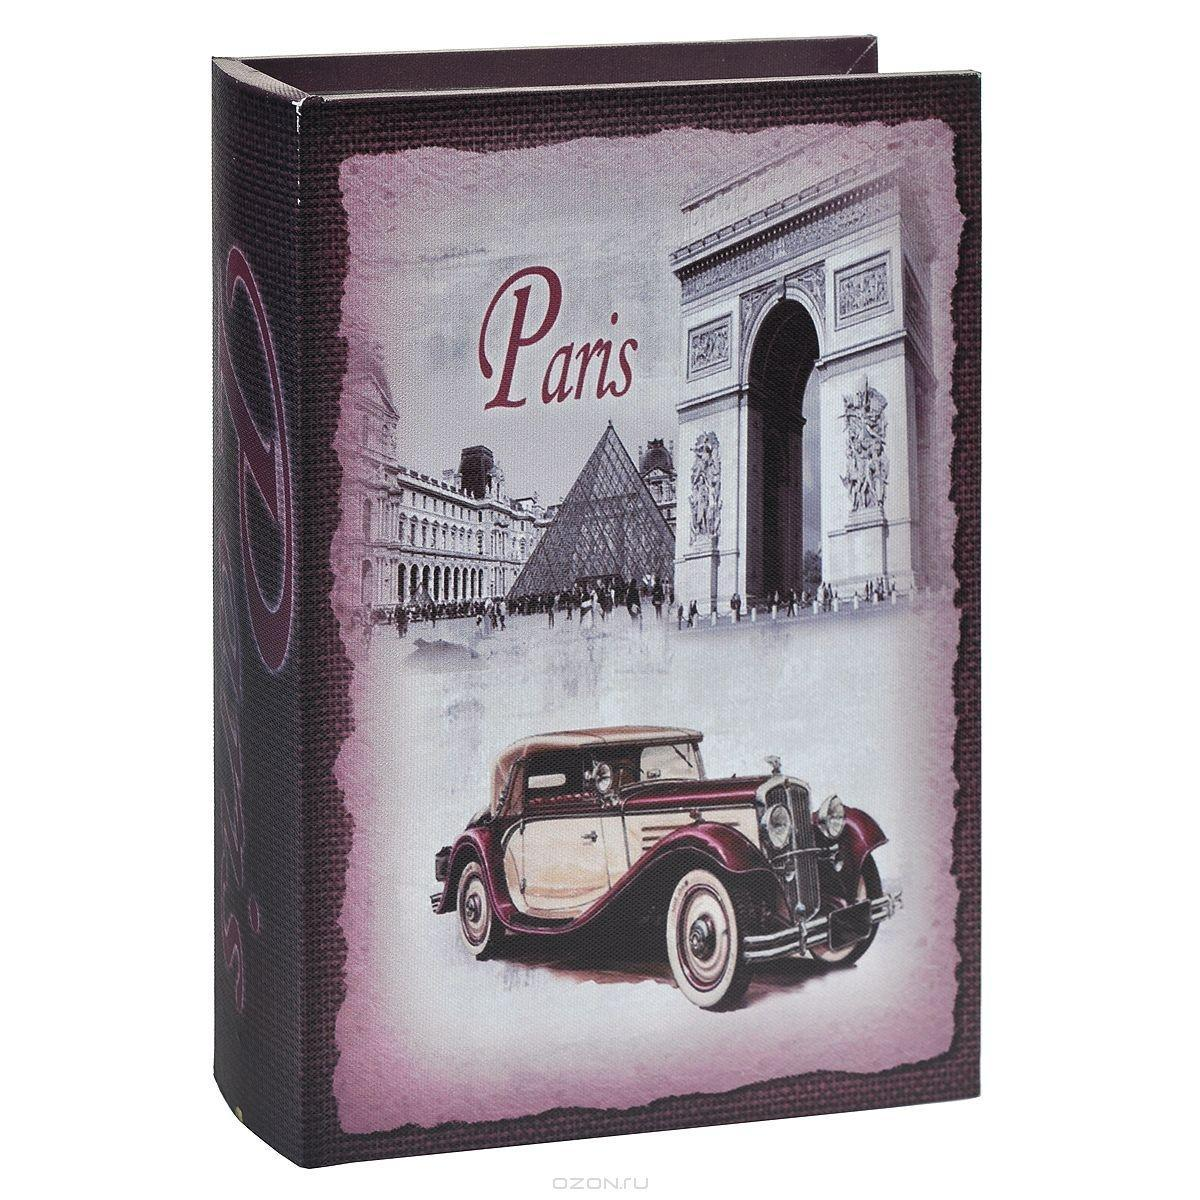 Шкатулка декоративная Paris, 27 см х 18 см х 4,5 см. 7701689-1FS-80299Декоративная шкатулка Paris не оставит равнодушной ни одну любительницу изысканных вещей. В такой шкатулке удобно хранить бижутерию или аксессуары для рукоделия. Вместительная шкатулка, выполнена из МДФ с отделкой из текстиля и оформлена изображением автомодиля на фоне Лувра. Внутри - отделка из полиэстера. Шкатулка выполнена в виде книги и закрывается при помощи магнита. Сочетание оригинального дизайна и функциональности представляют шкатулку практичным и стильным подарком, а также предметом гордости ее обладательницы.